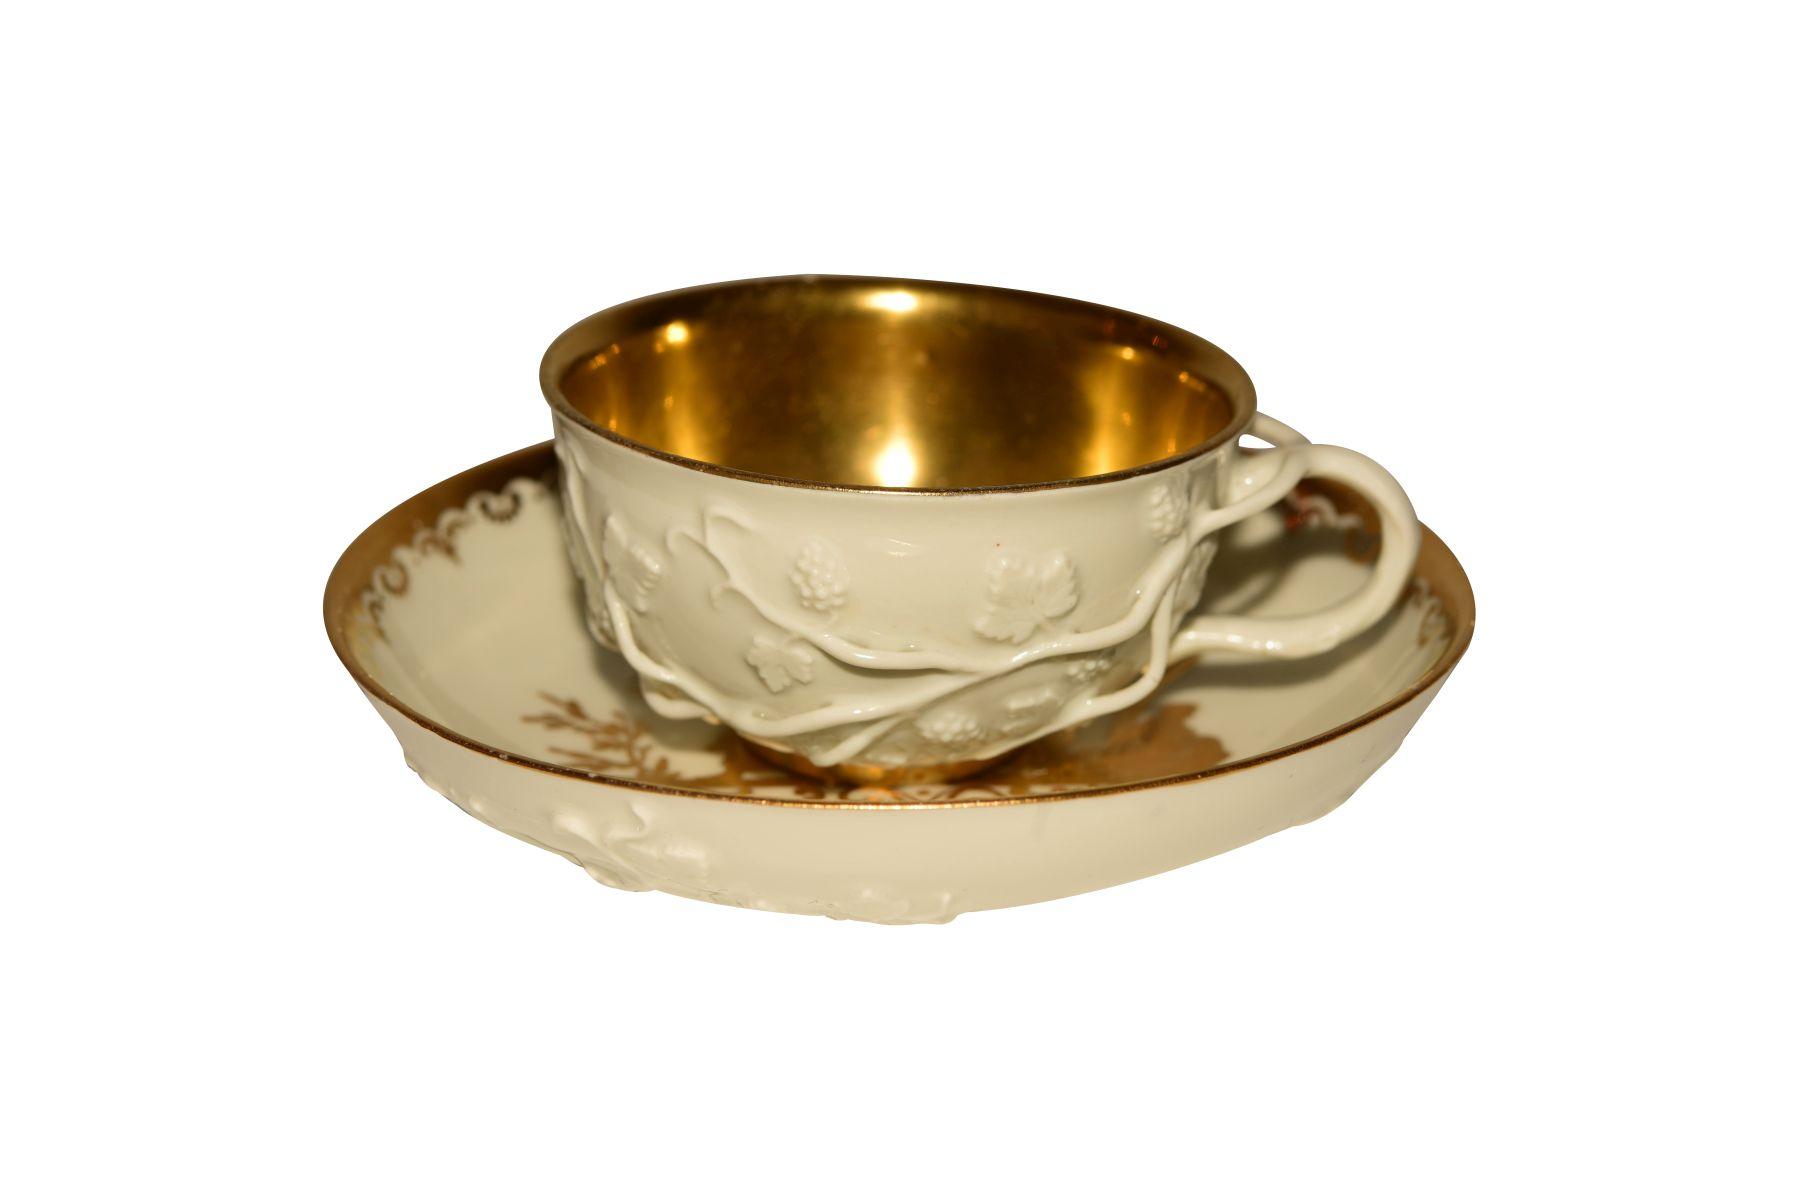 #75 Tea cup with lower bowl Meissen | Teetasse mit Unterschale Meissen Image